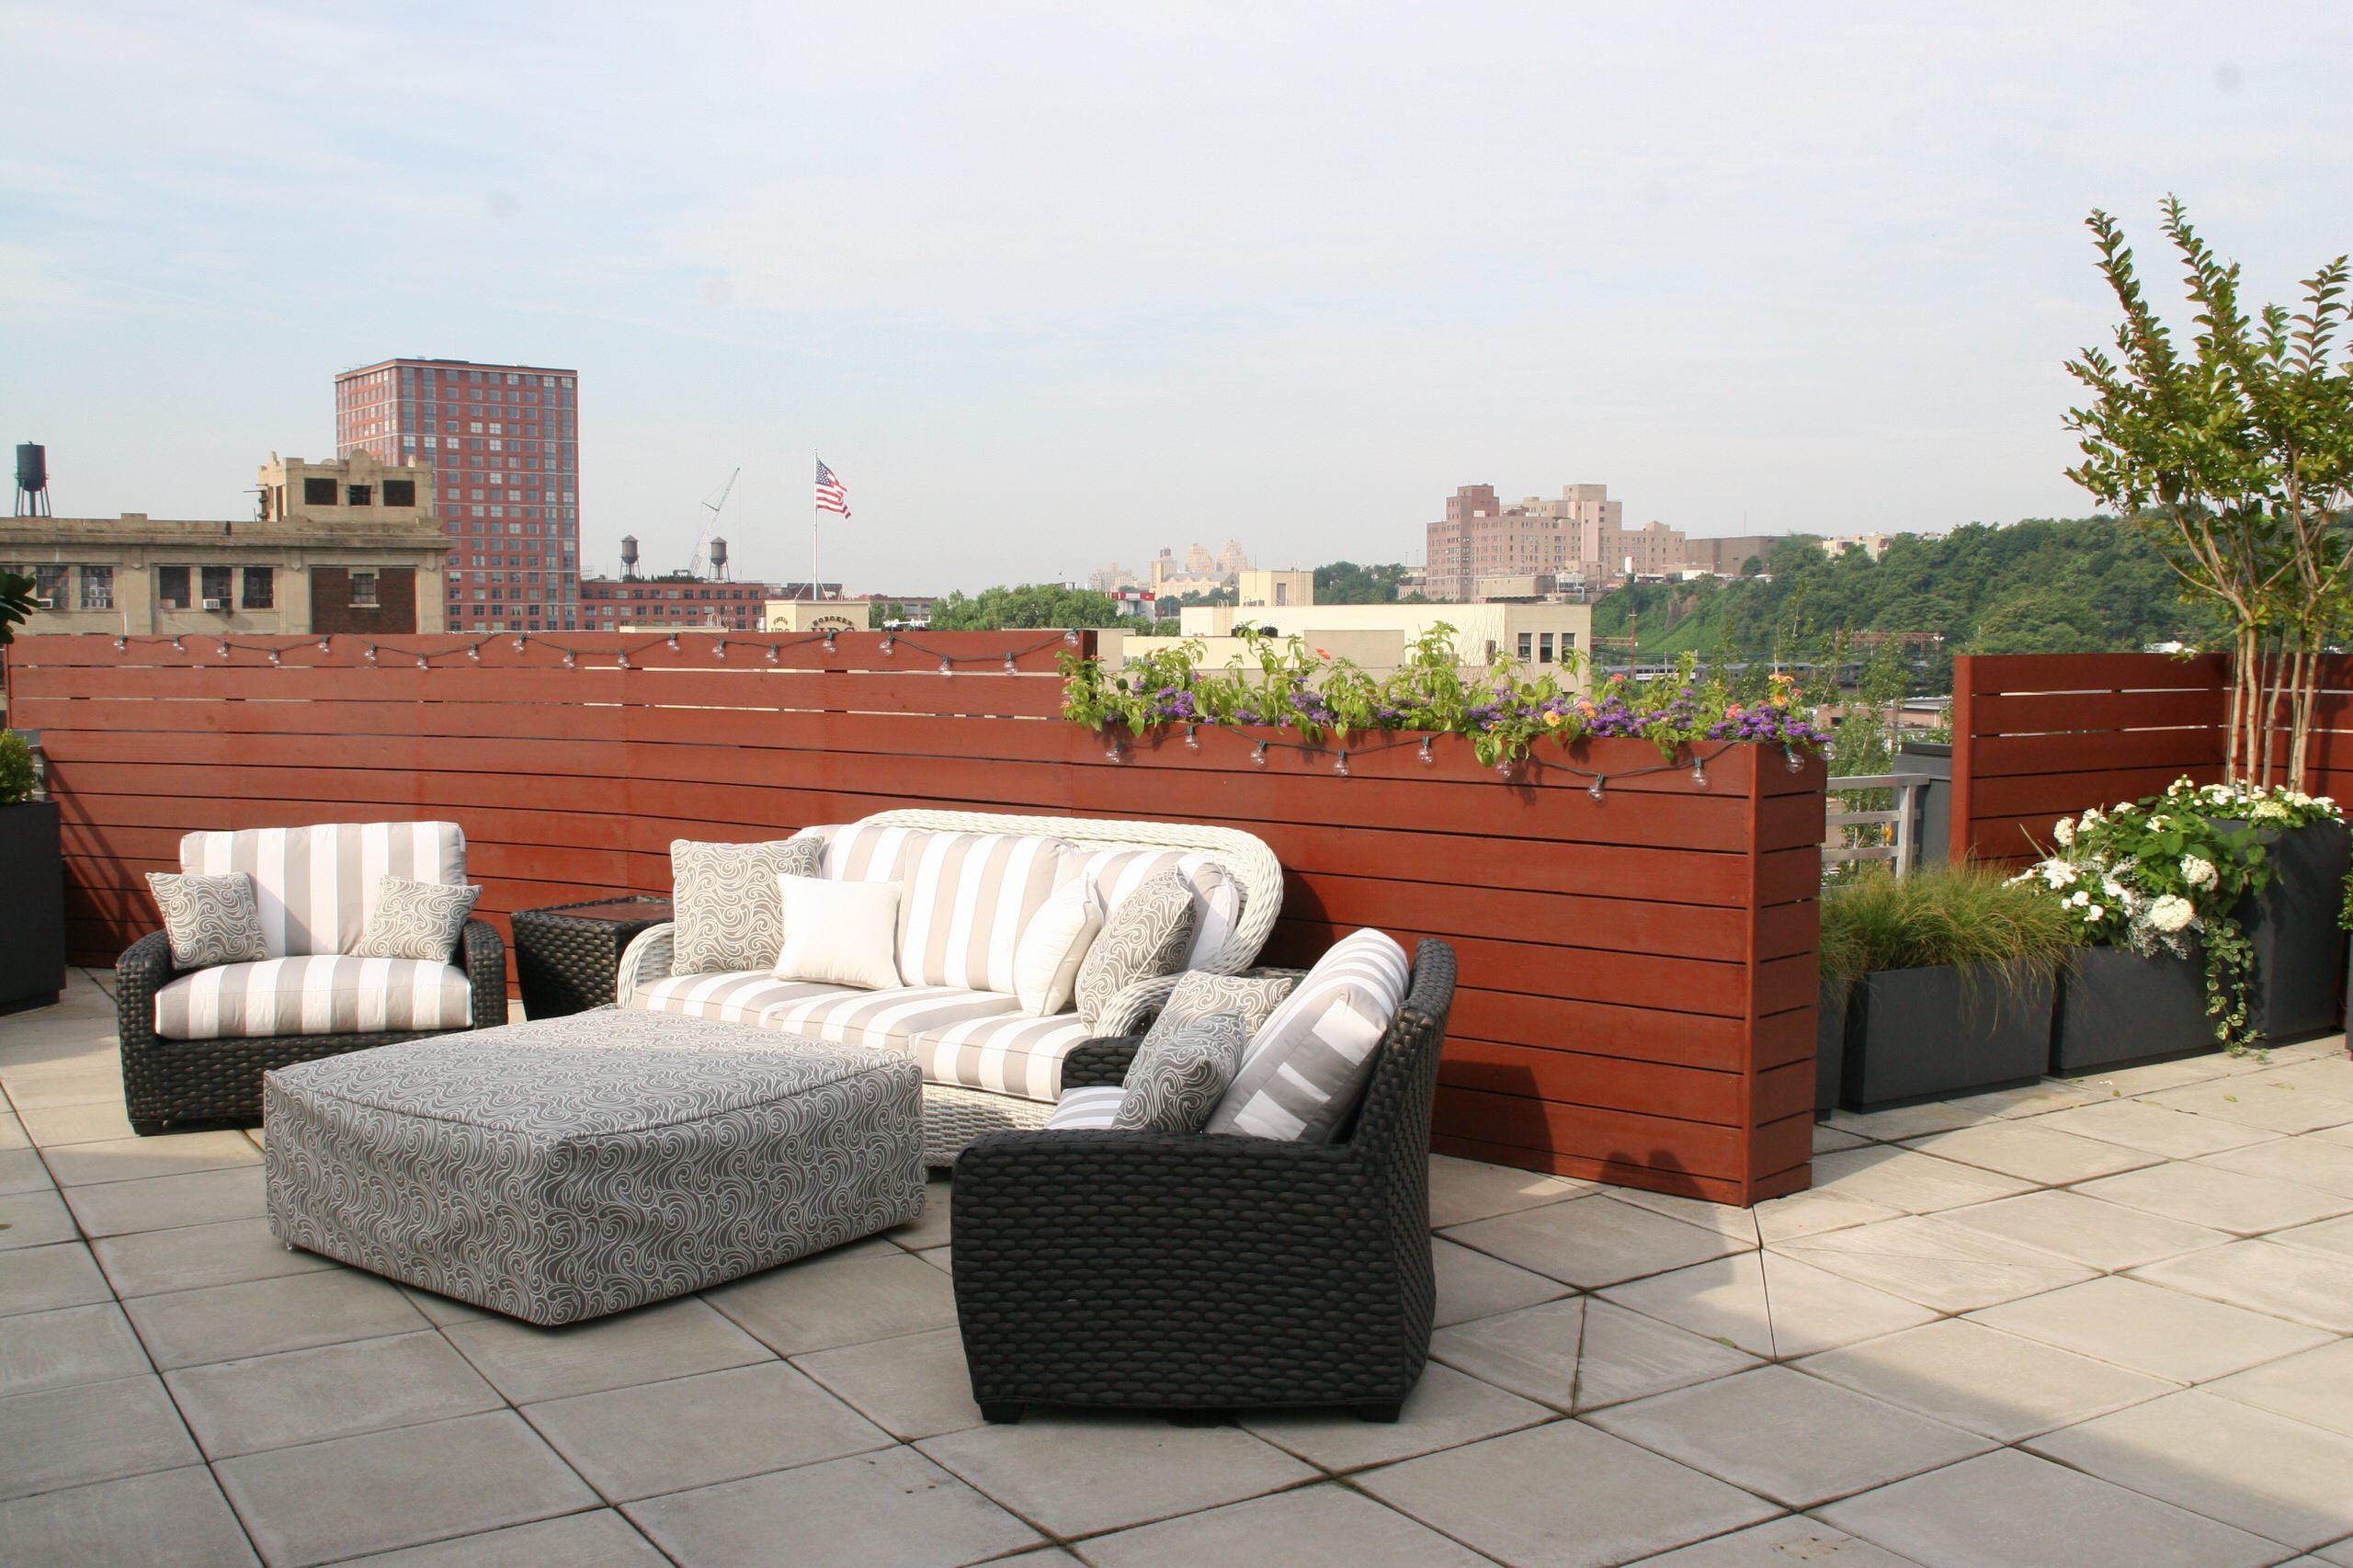 Hoboken Rooftop Garden